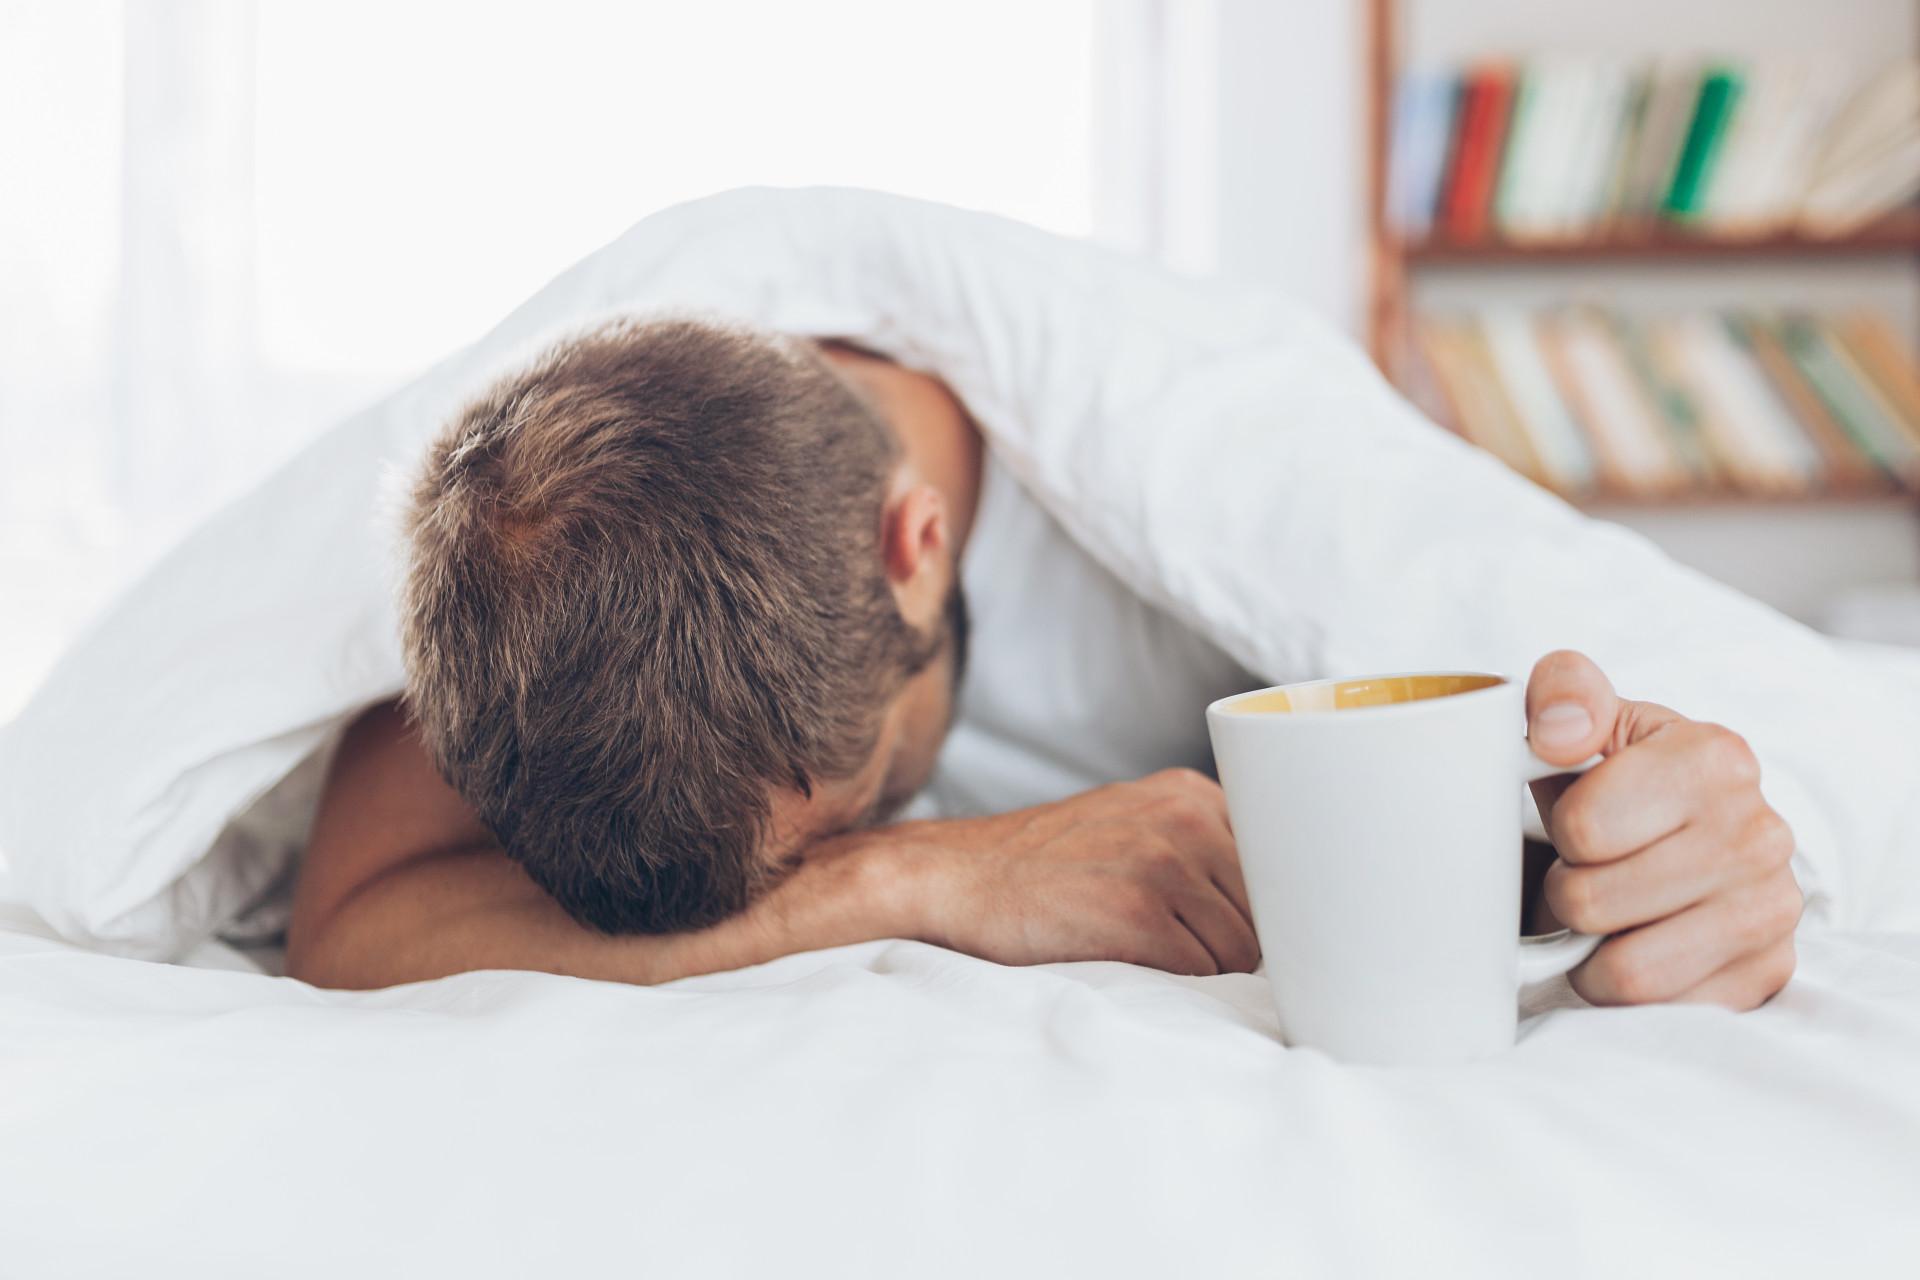 ¿Sufres de insomnio? Te explicamos qué es, sus síntomas y cómo combatirlo